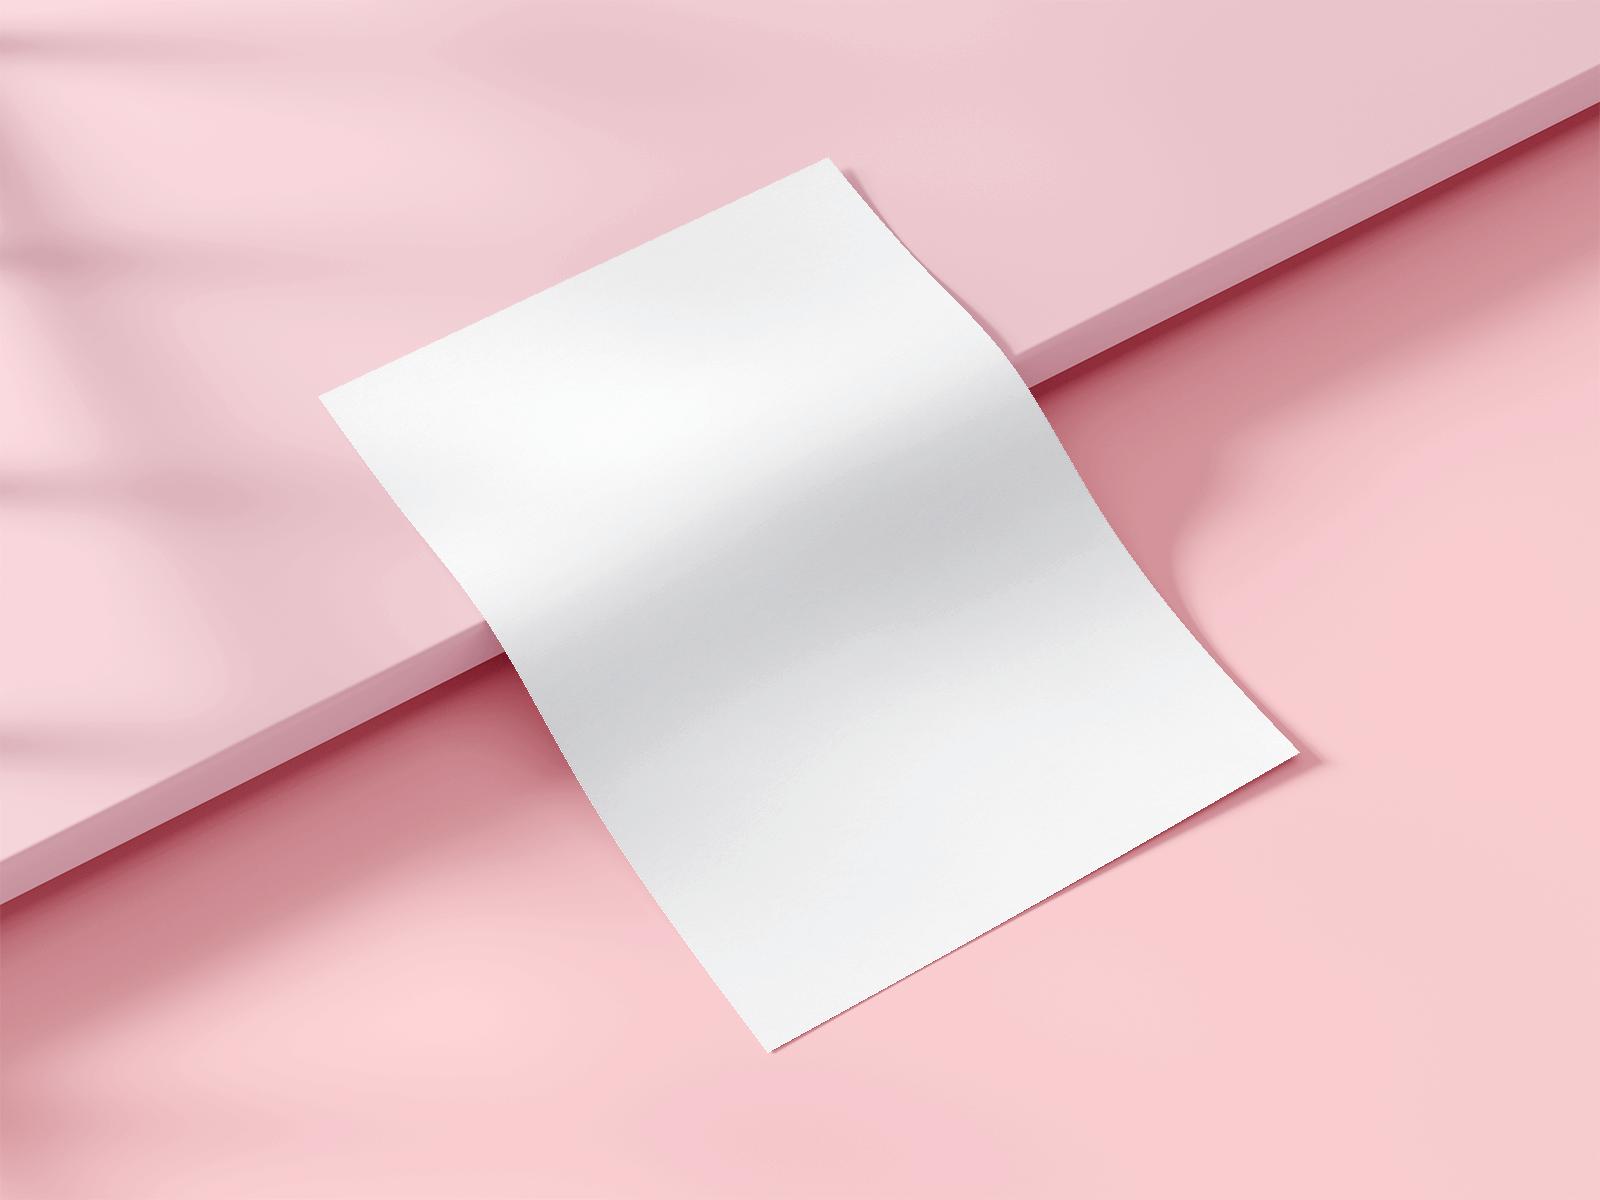 Free Paper (A4 & US Letter) Presentation Mockup